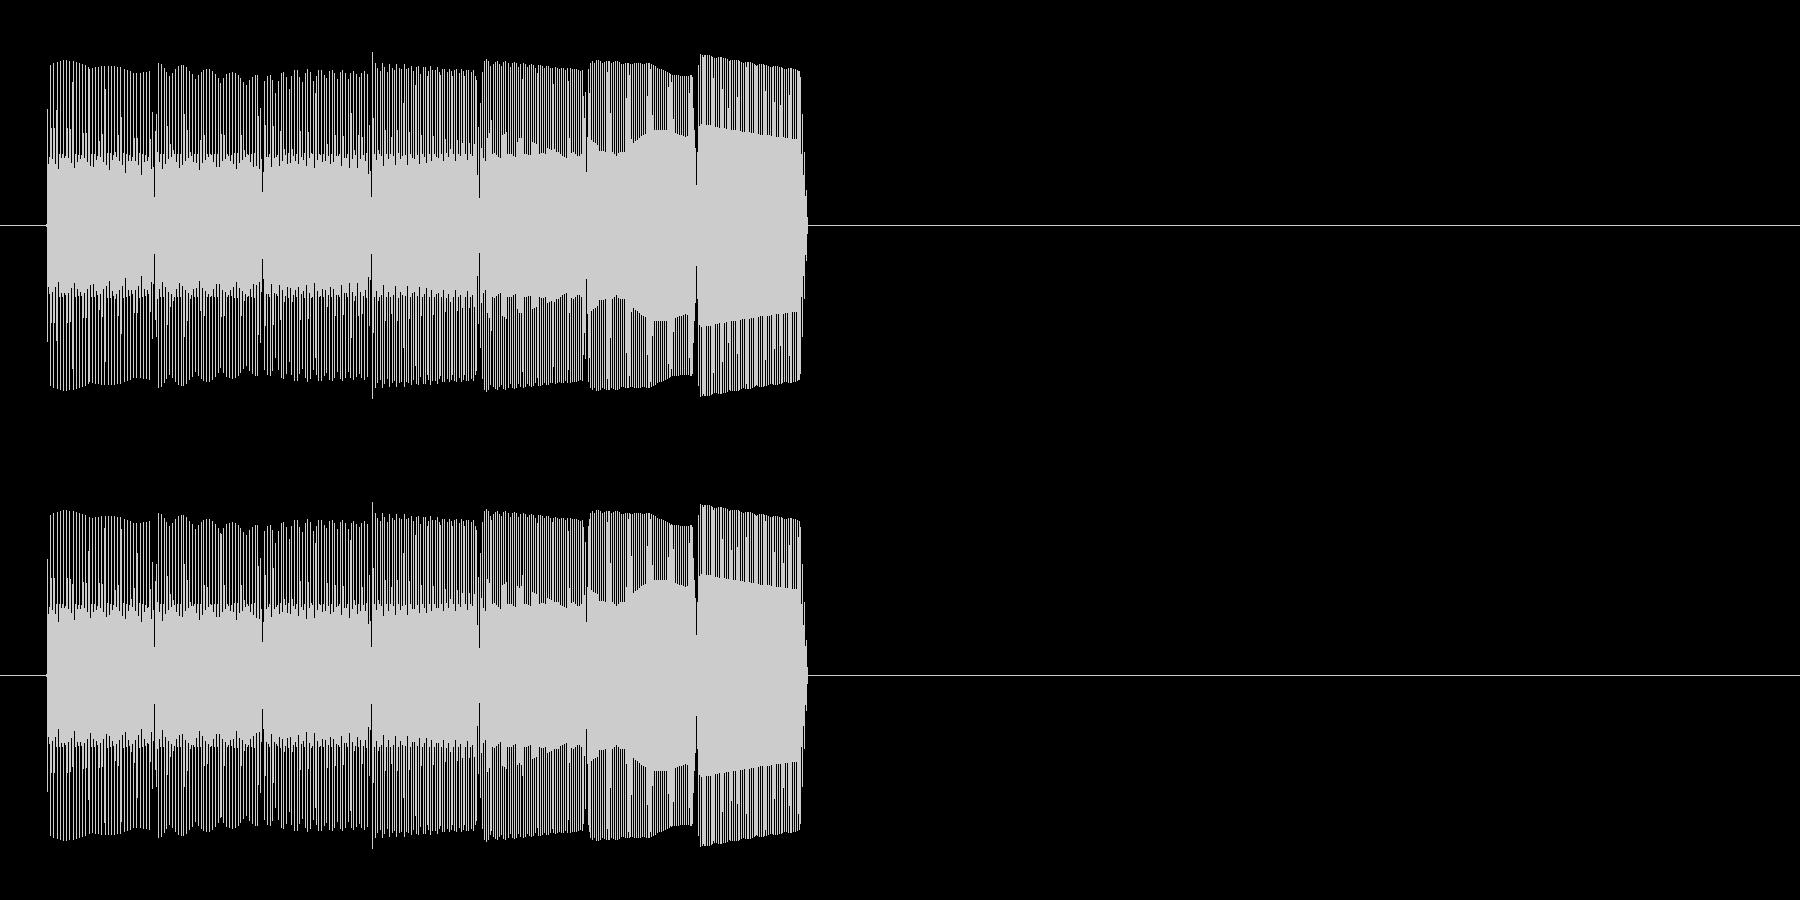 テレレレレン(アップする音)の未再生の波形